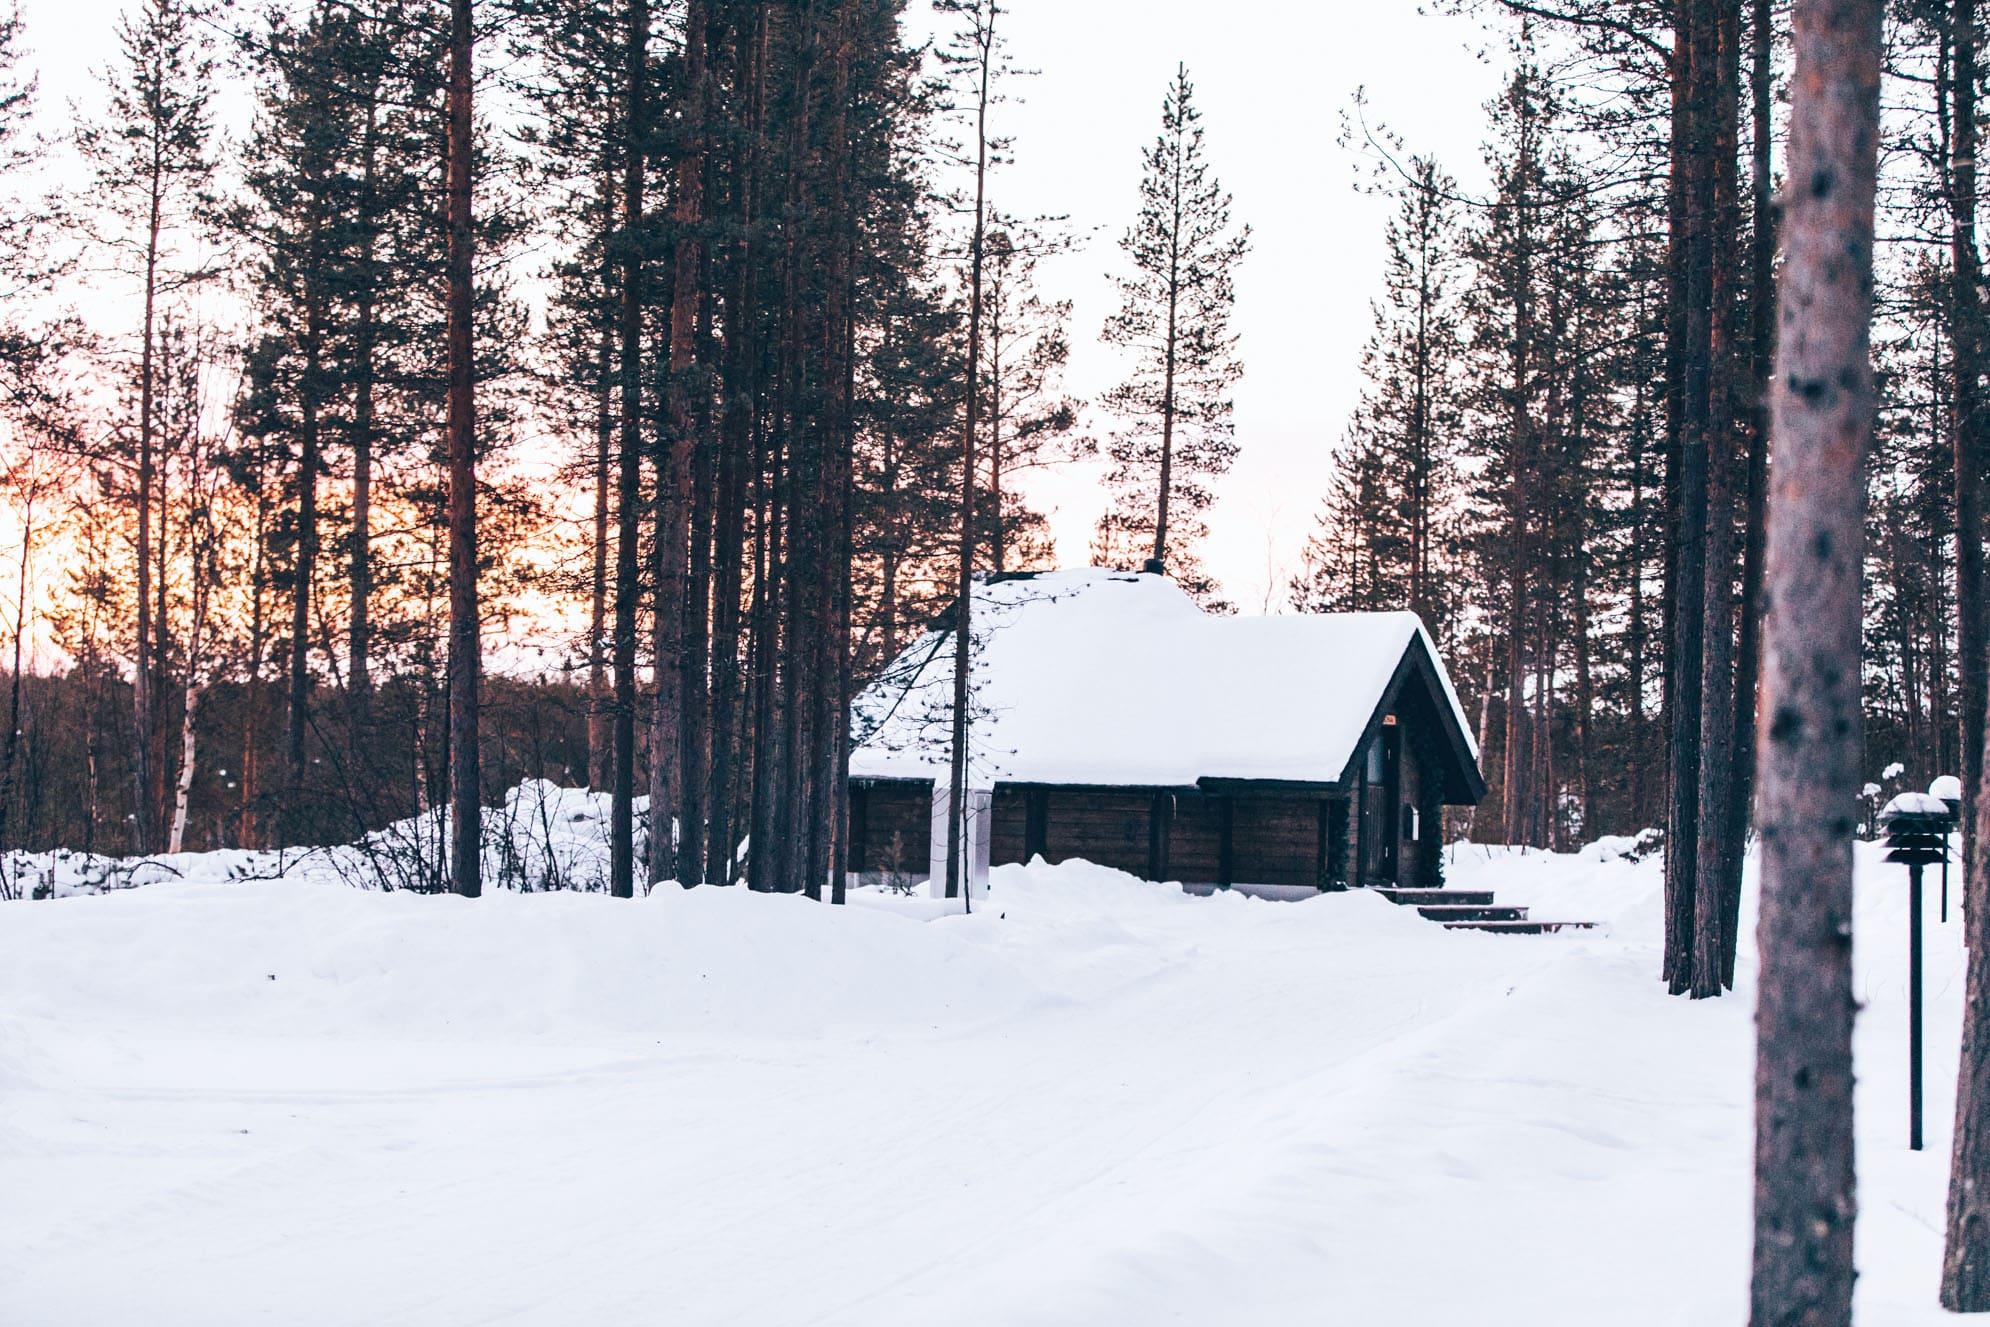 ID5A5463 1 - Récap de notre voyage en Laponie Finlandaise